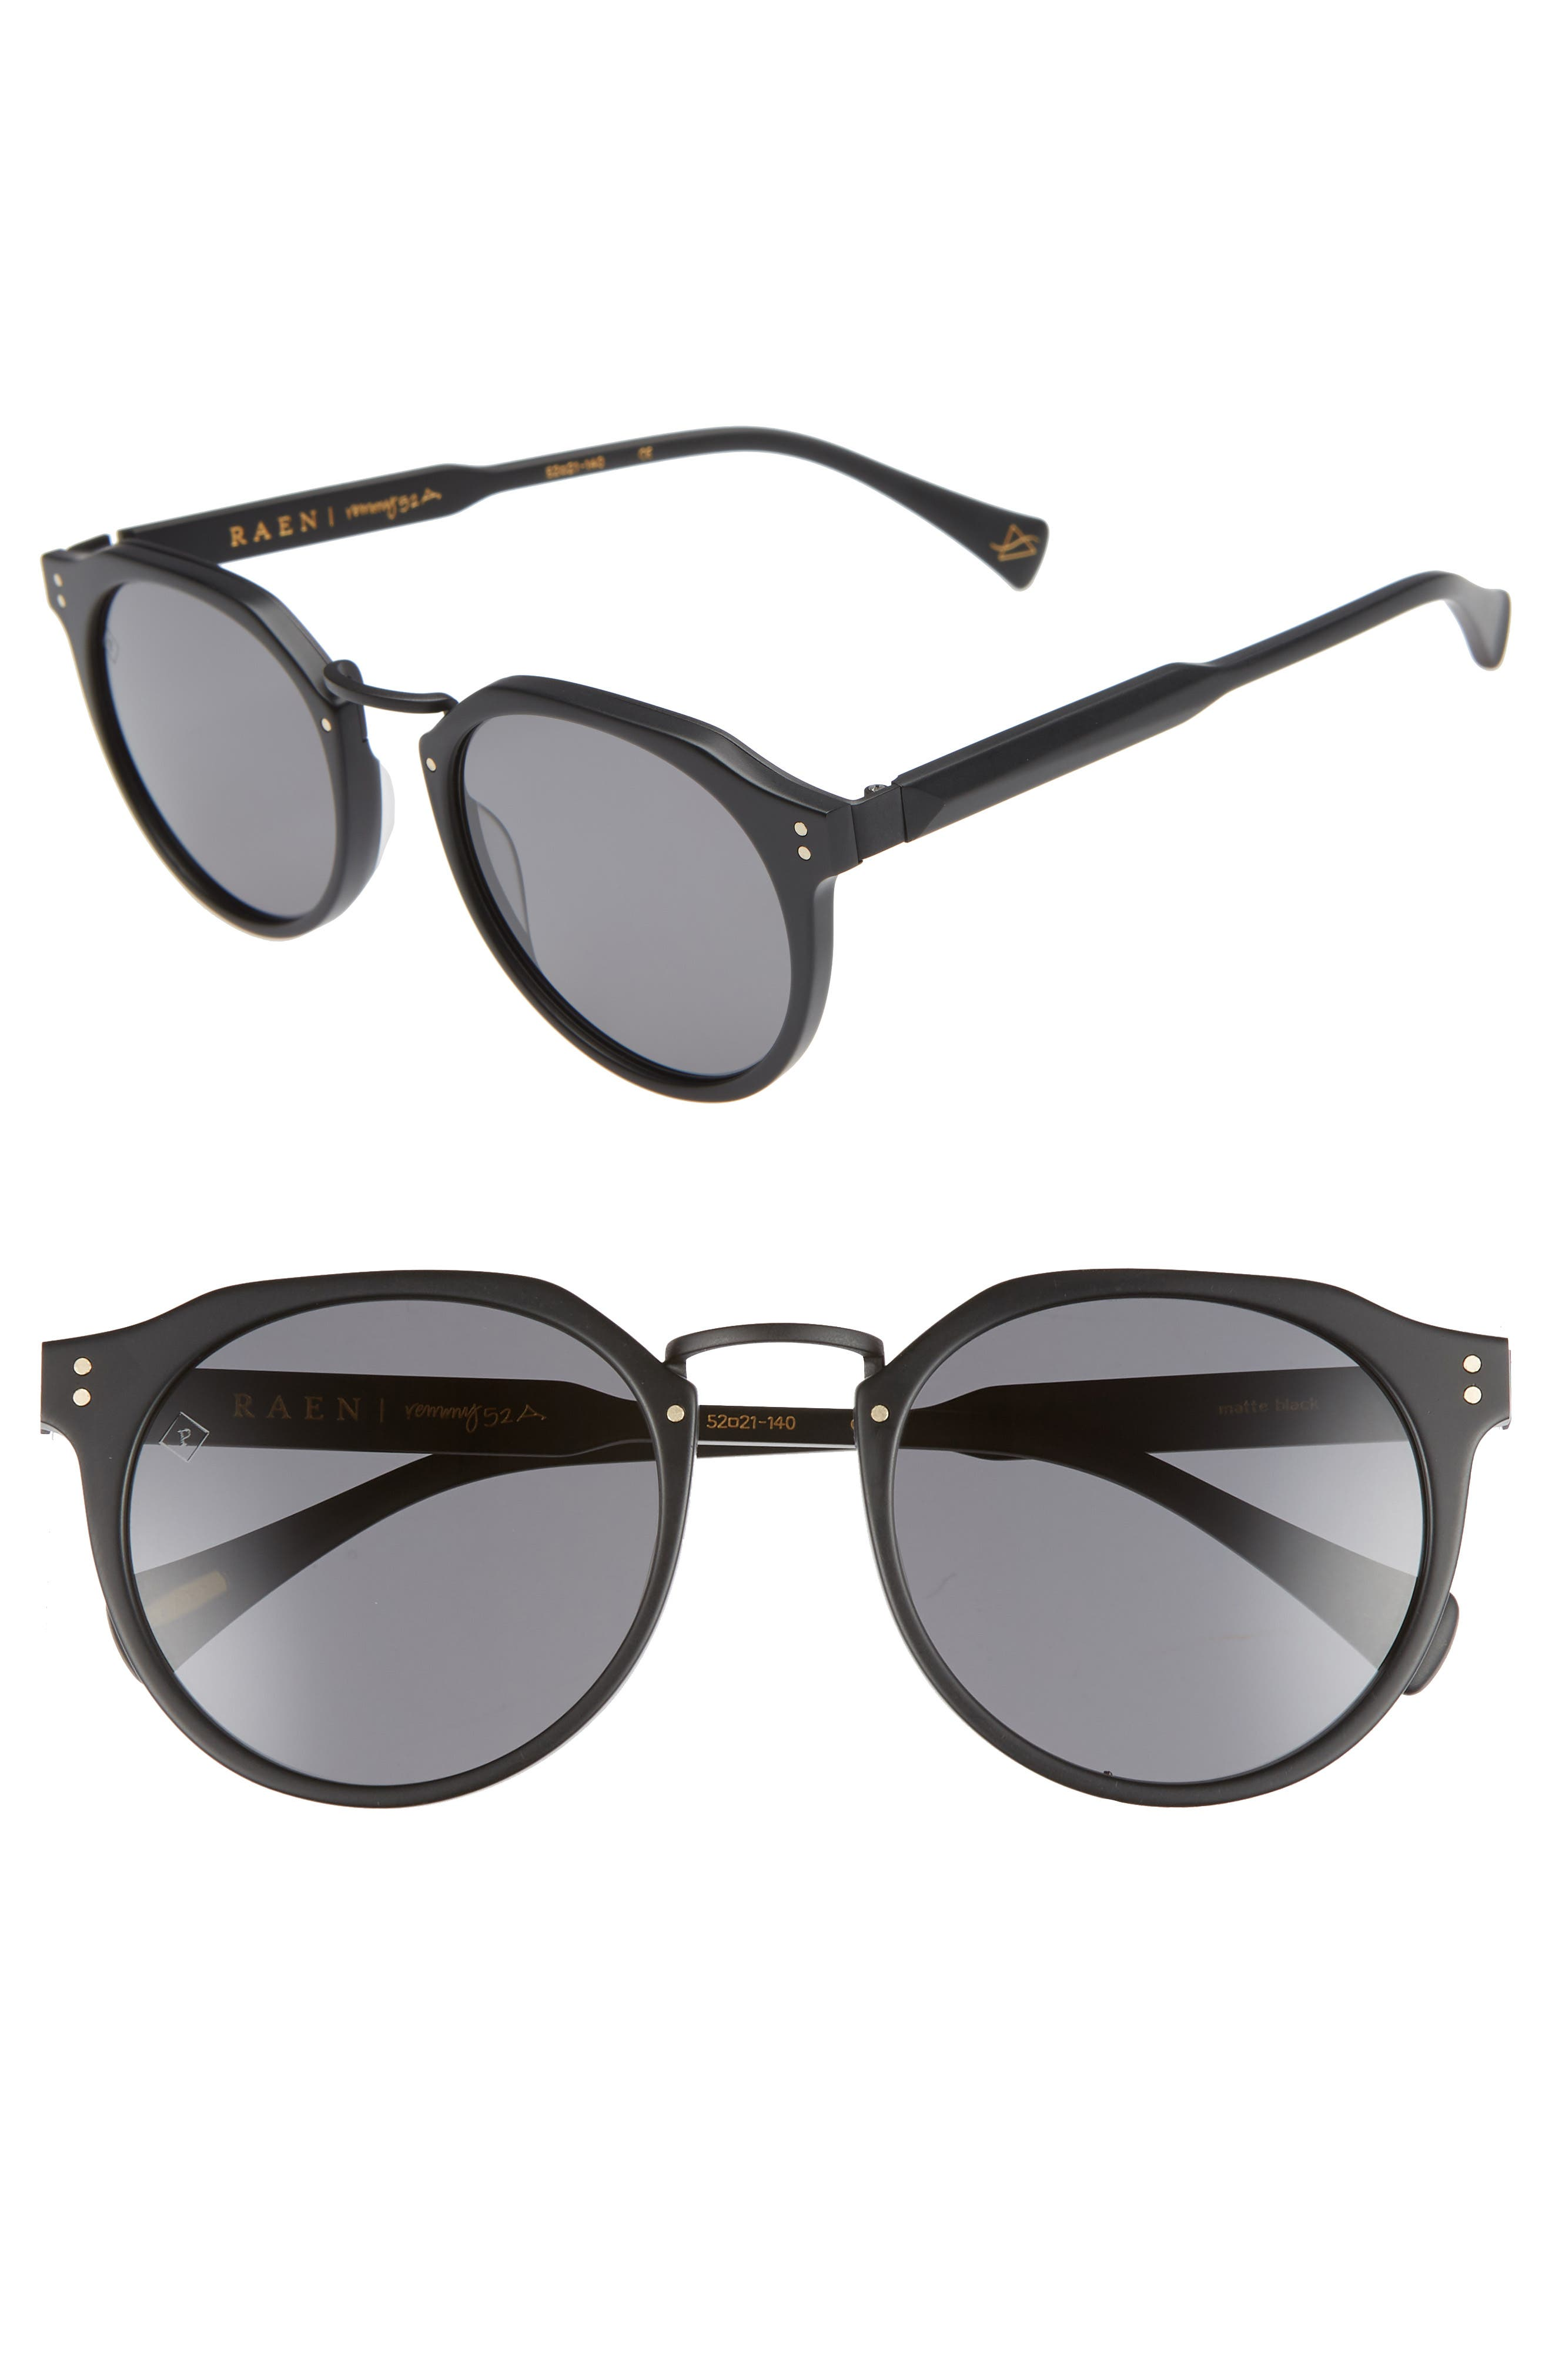 Remmy 52mm Polarized Sunglasses,                             Main thumbnail 1, color,                             Matte Black/ Matte Brindle